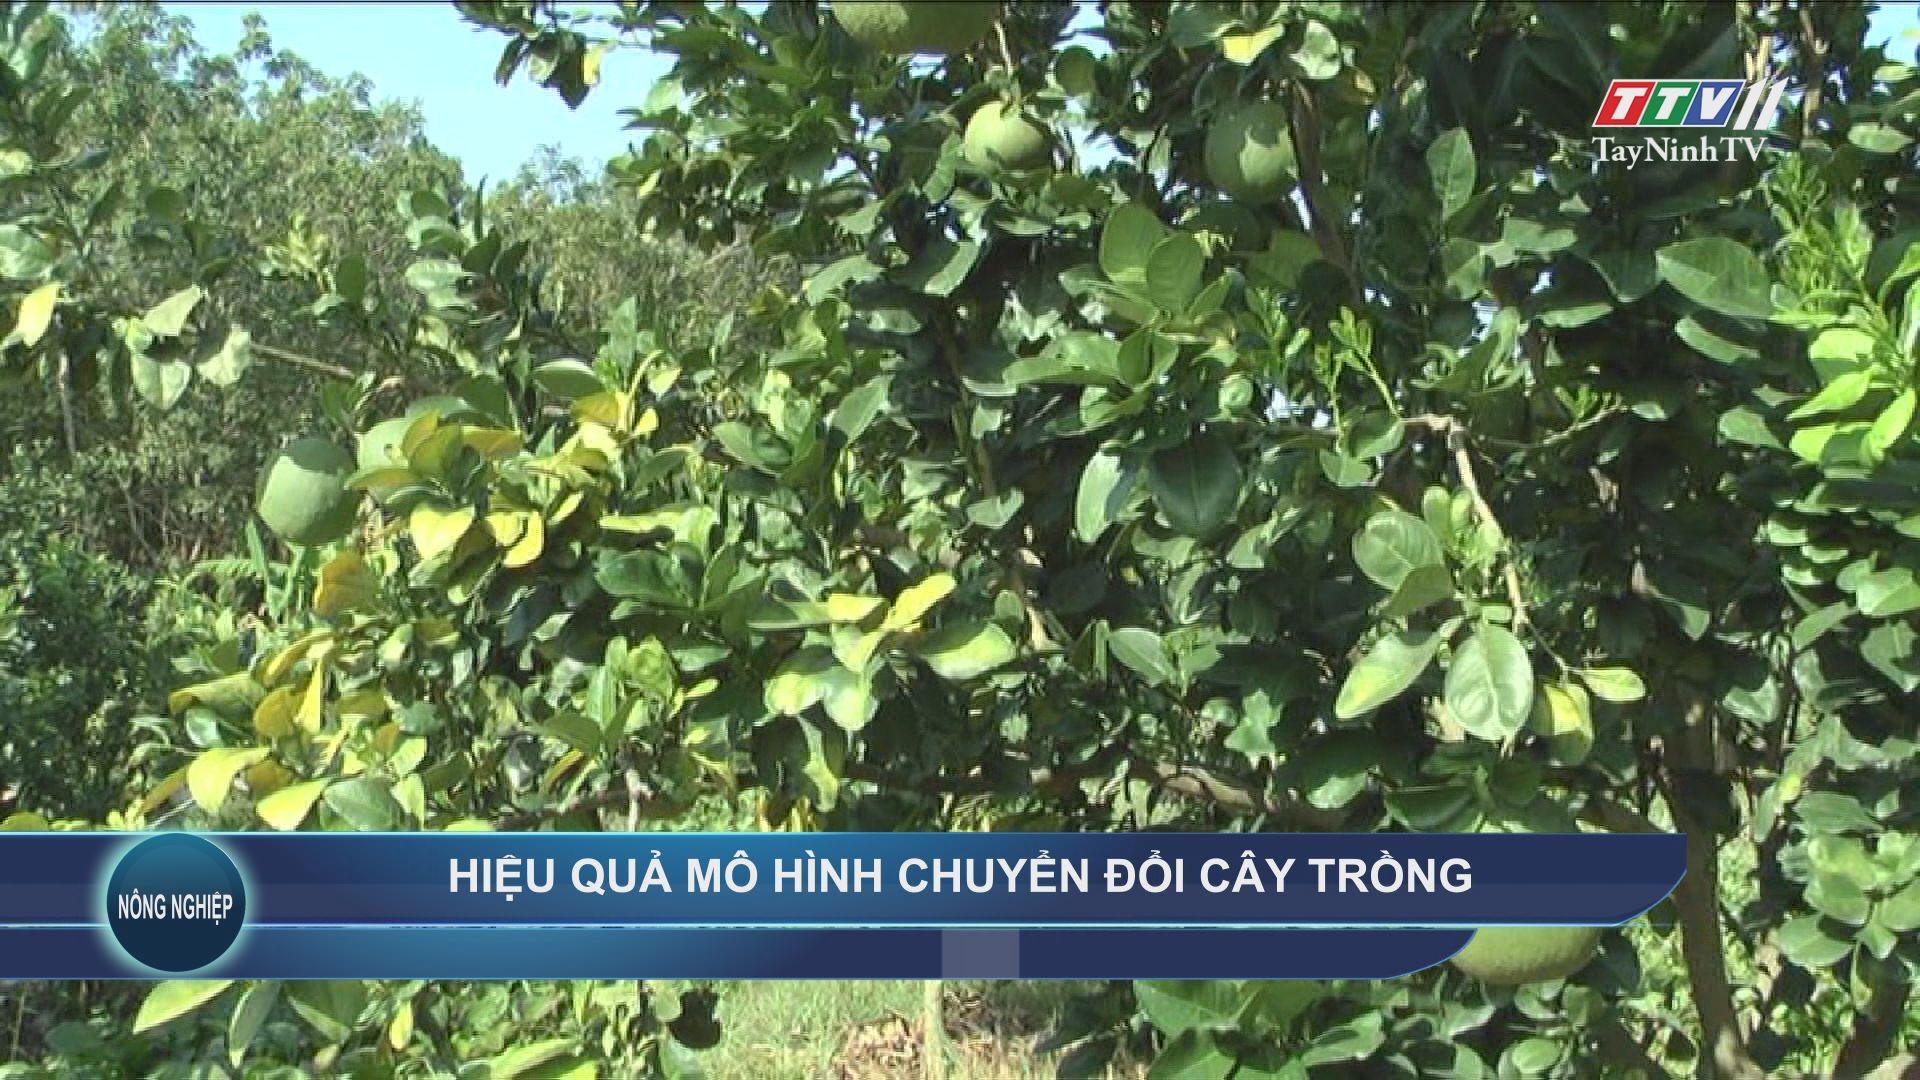 Hiệu quả mô hình chuyển đổi cây trồng | NÔNG NGHIỆP TÂY NINH | TayNinhTV